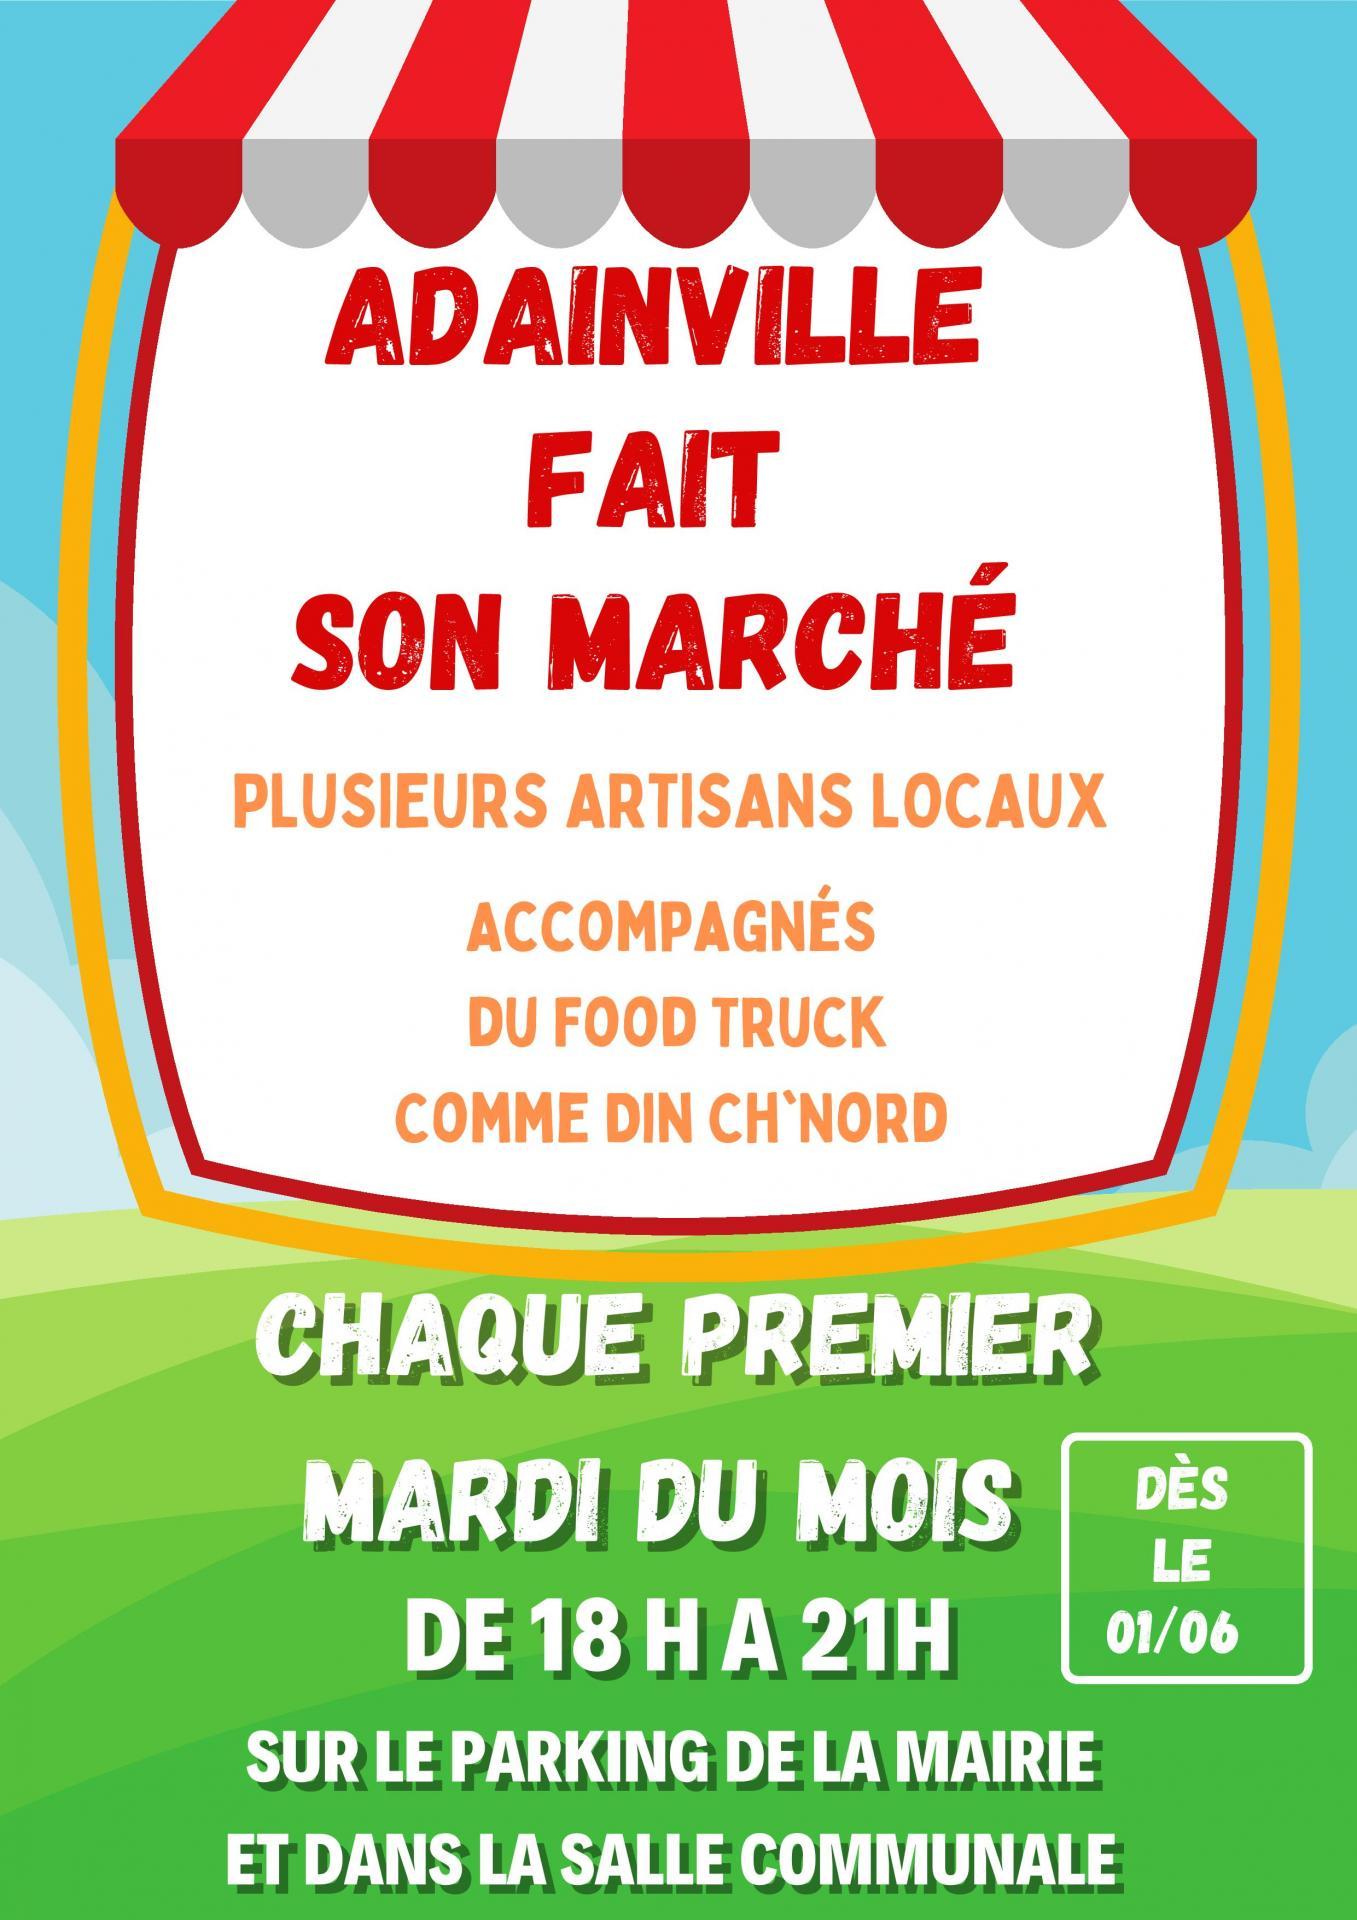 http://www.mairie-grandchamp78.fr/medias/images/adainville-fait-son-marche3-page-001.jpg